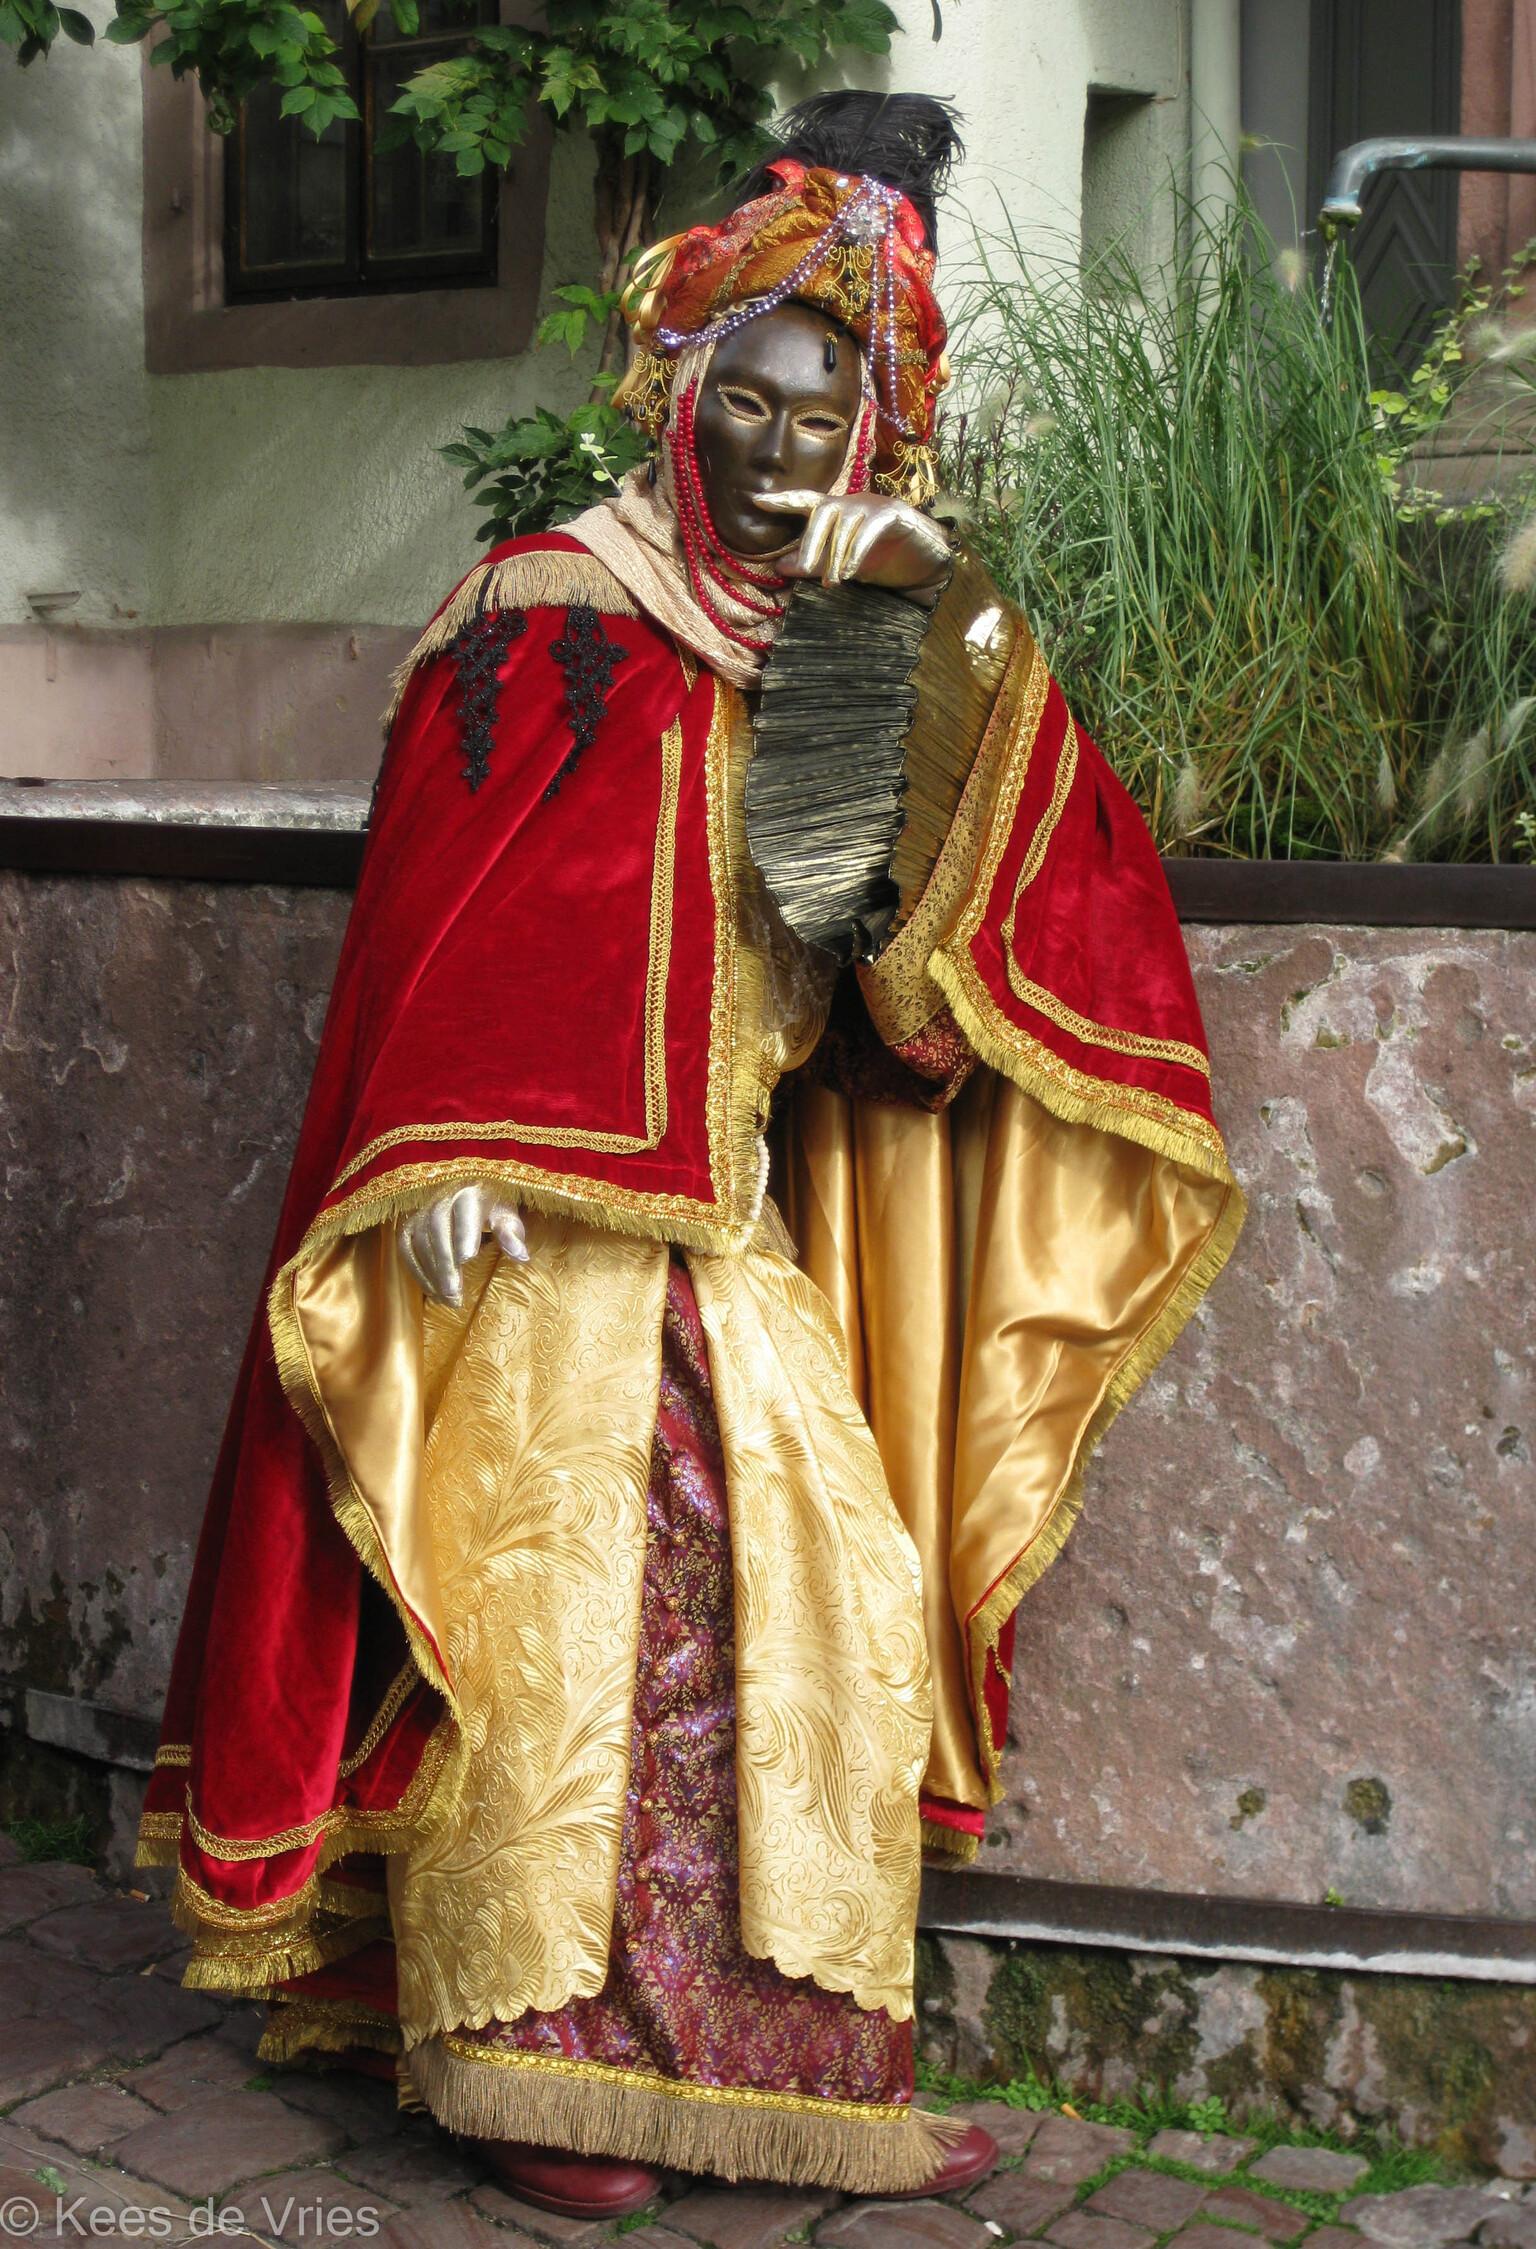 Elzas 2012 - Venetiaanse Parade in Riquewihr in de Elzas - foto door KdV59 op 05-05-2021 - locatie: 68340 Riquewihr, Frankrijk - deze foto bevat: fabriek, venster, heeft, omgaan, masker, kaap, uitvoerende kunst, evenement, vermaak, kunst